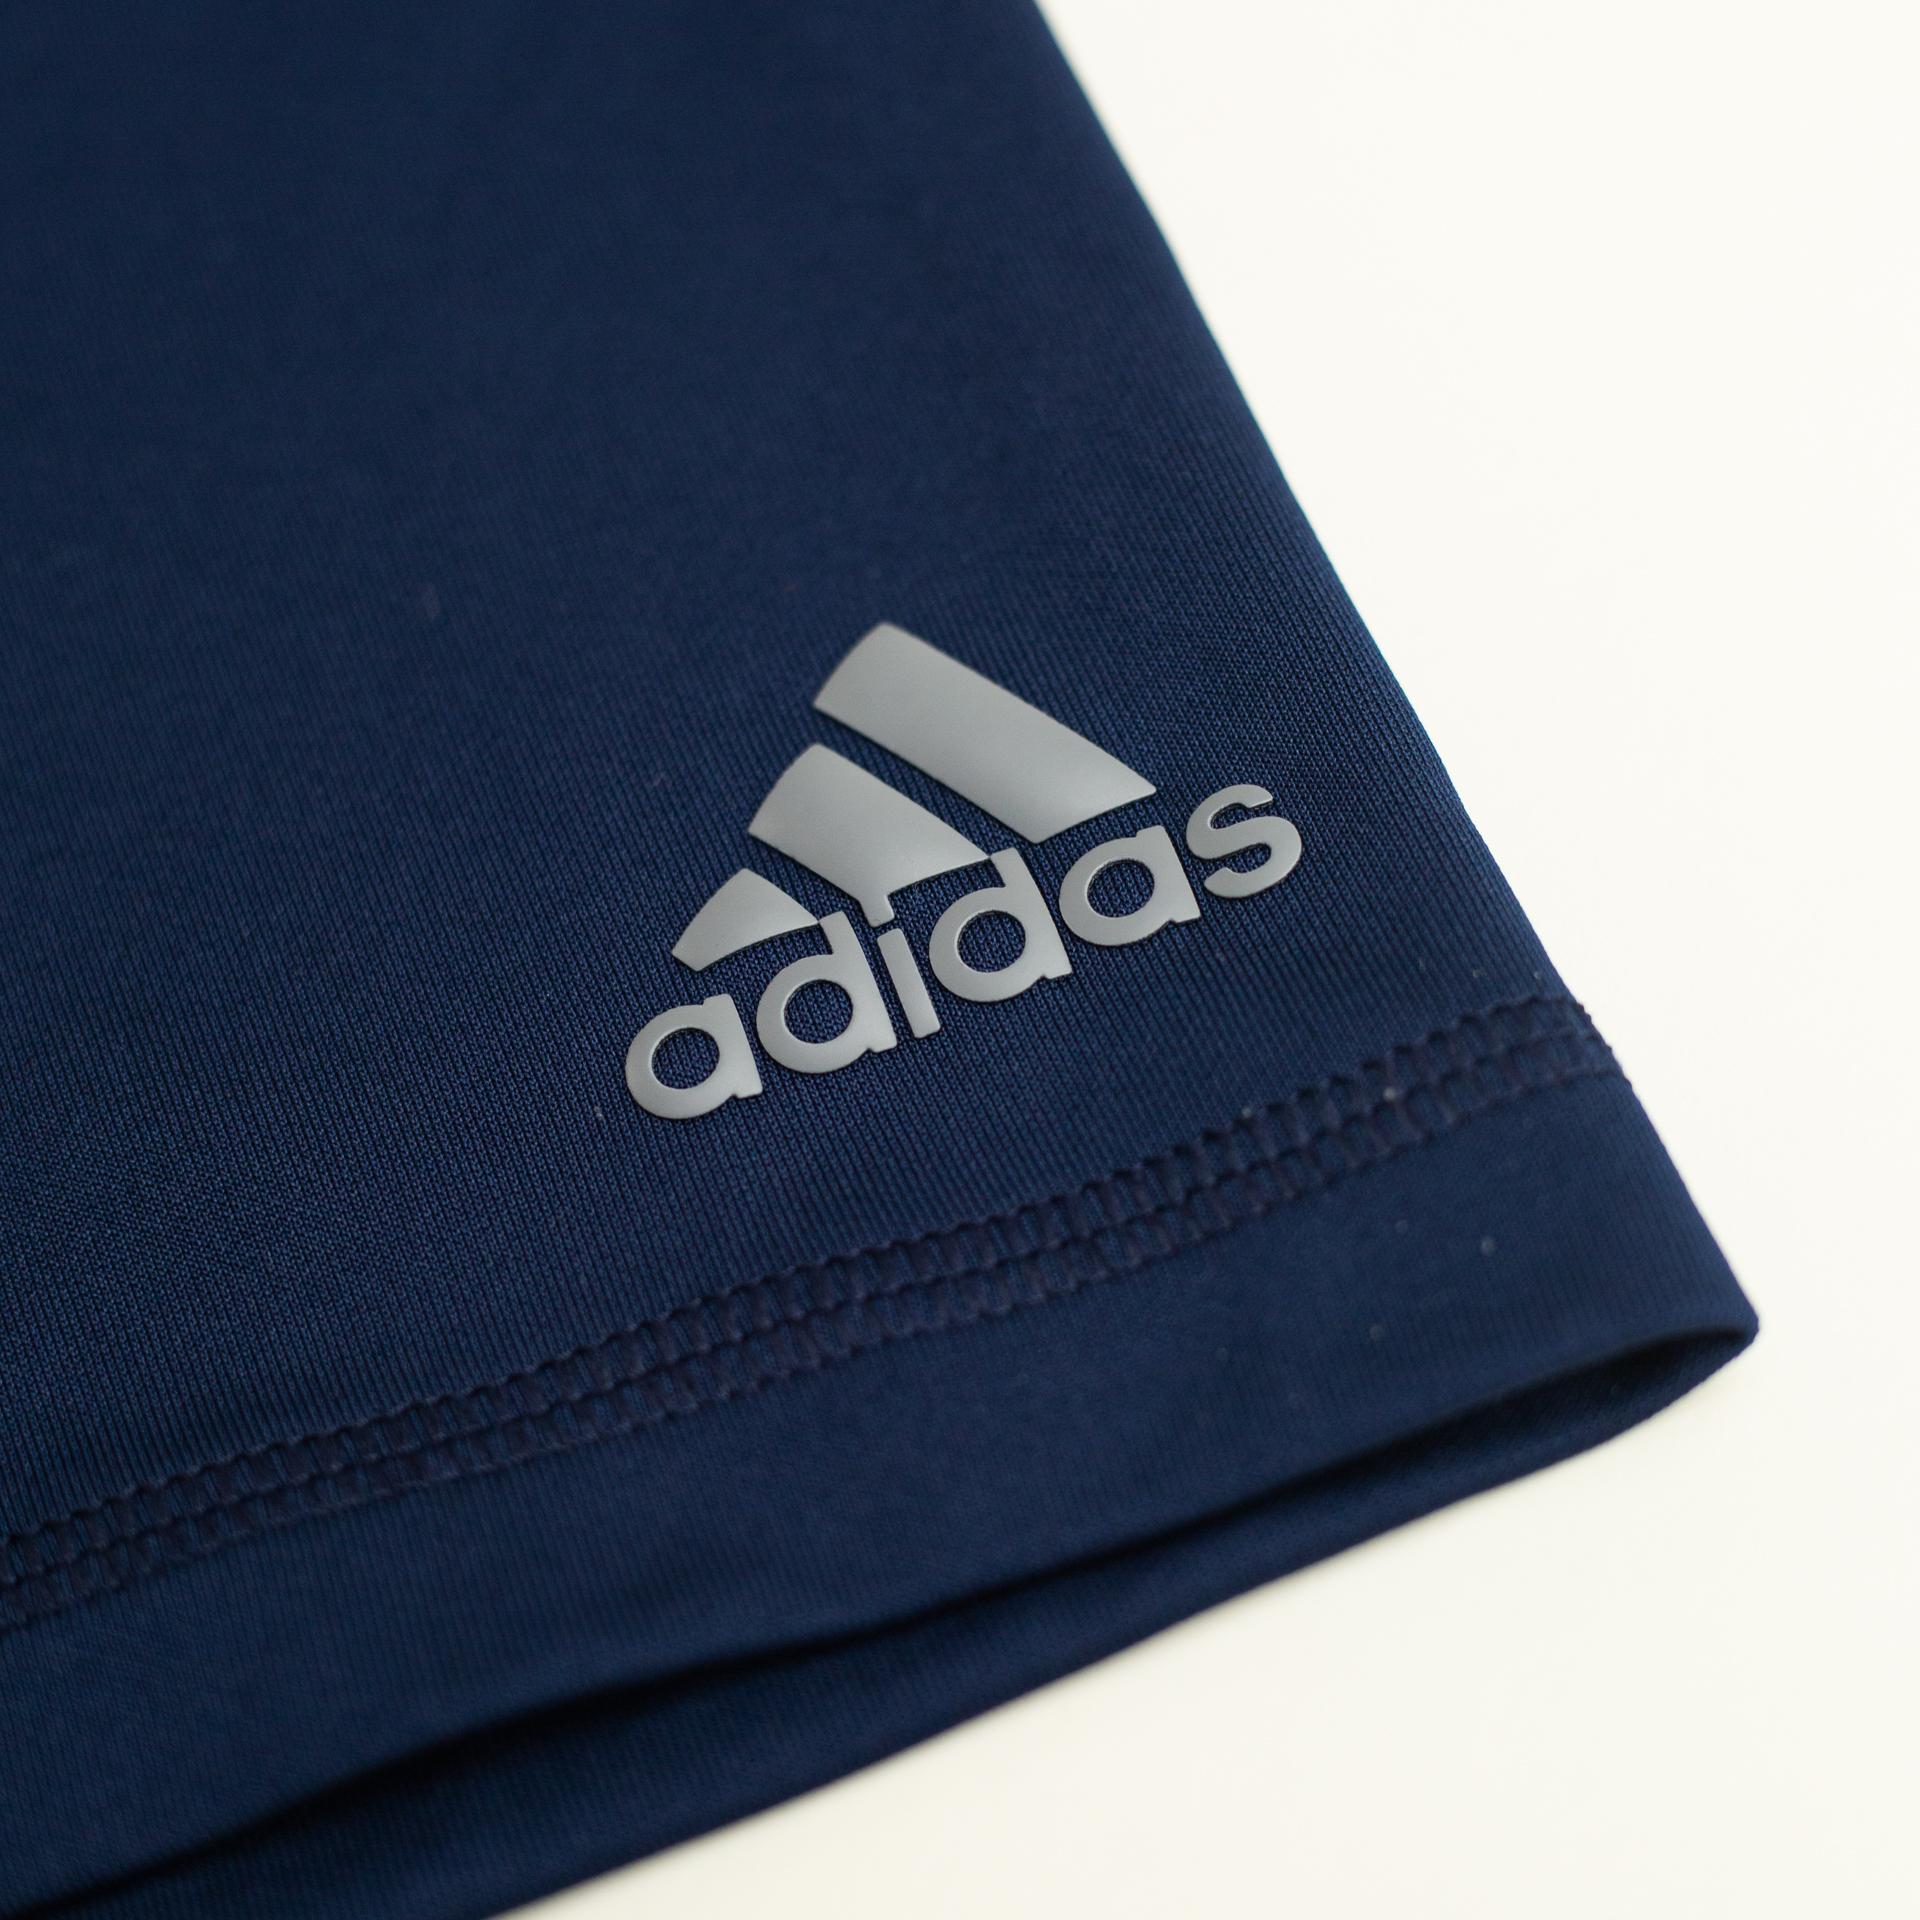 Nick Venti #5 Adidas Shersey